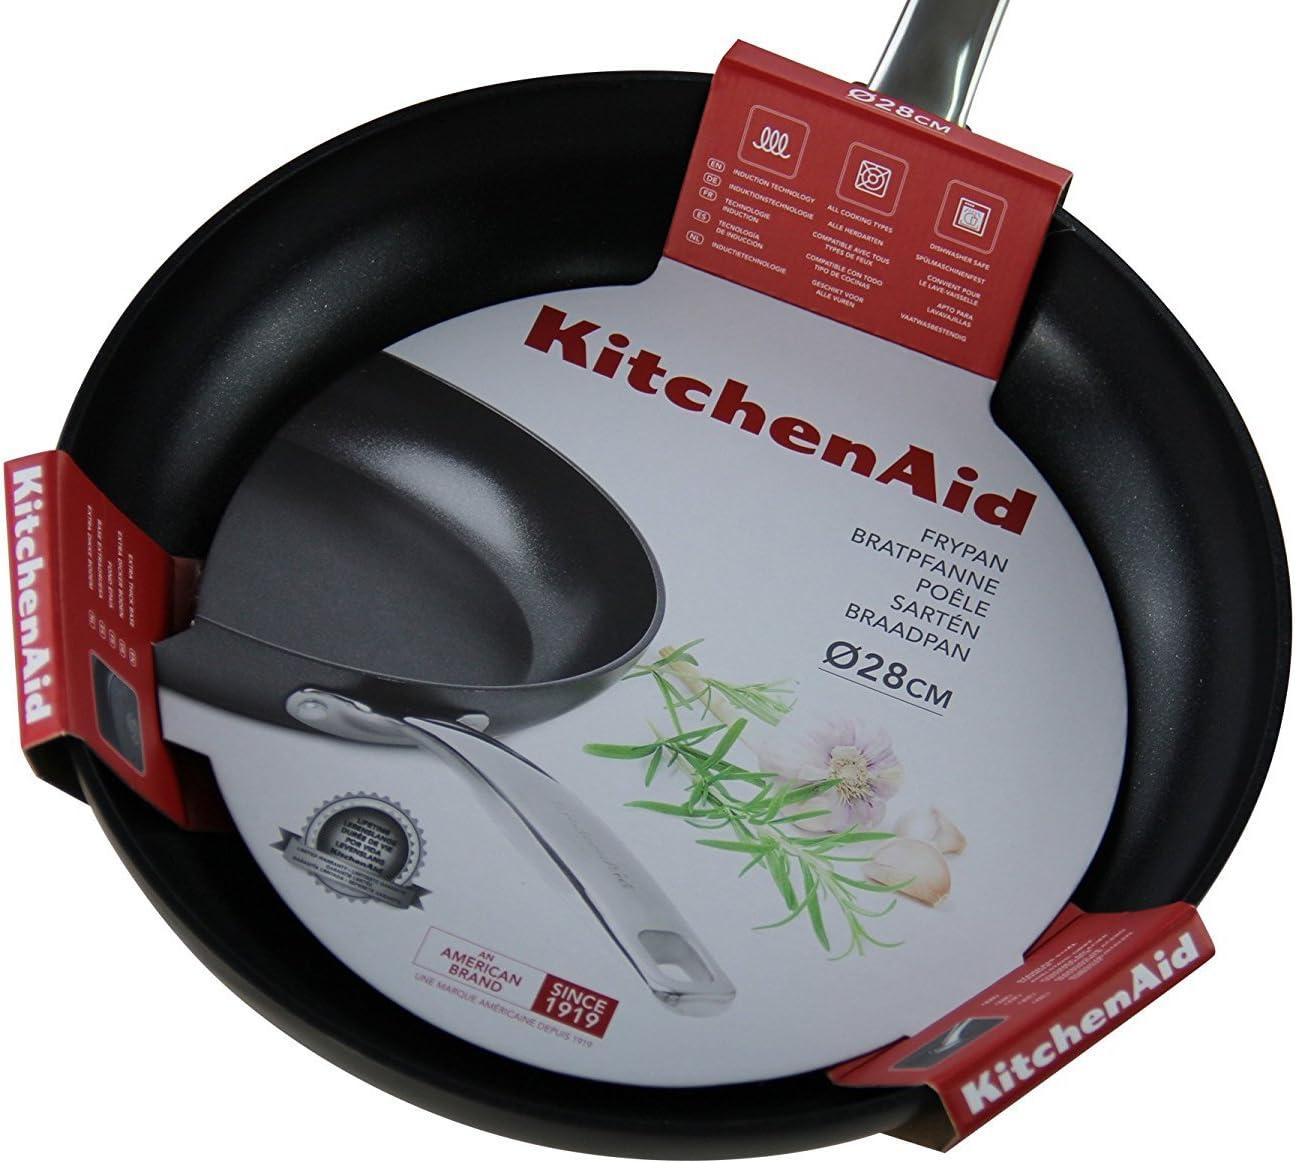 KitchenAid Sartén, diámetro 28 cm: Amazon.es: Hogar